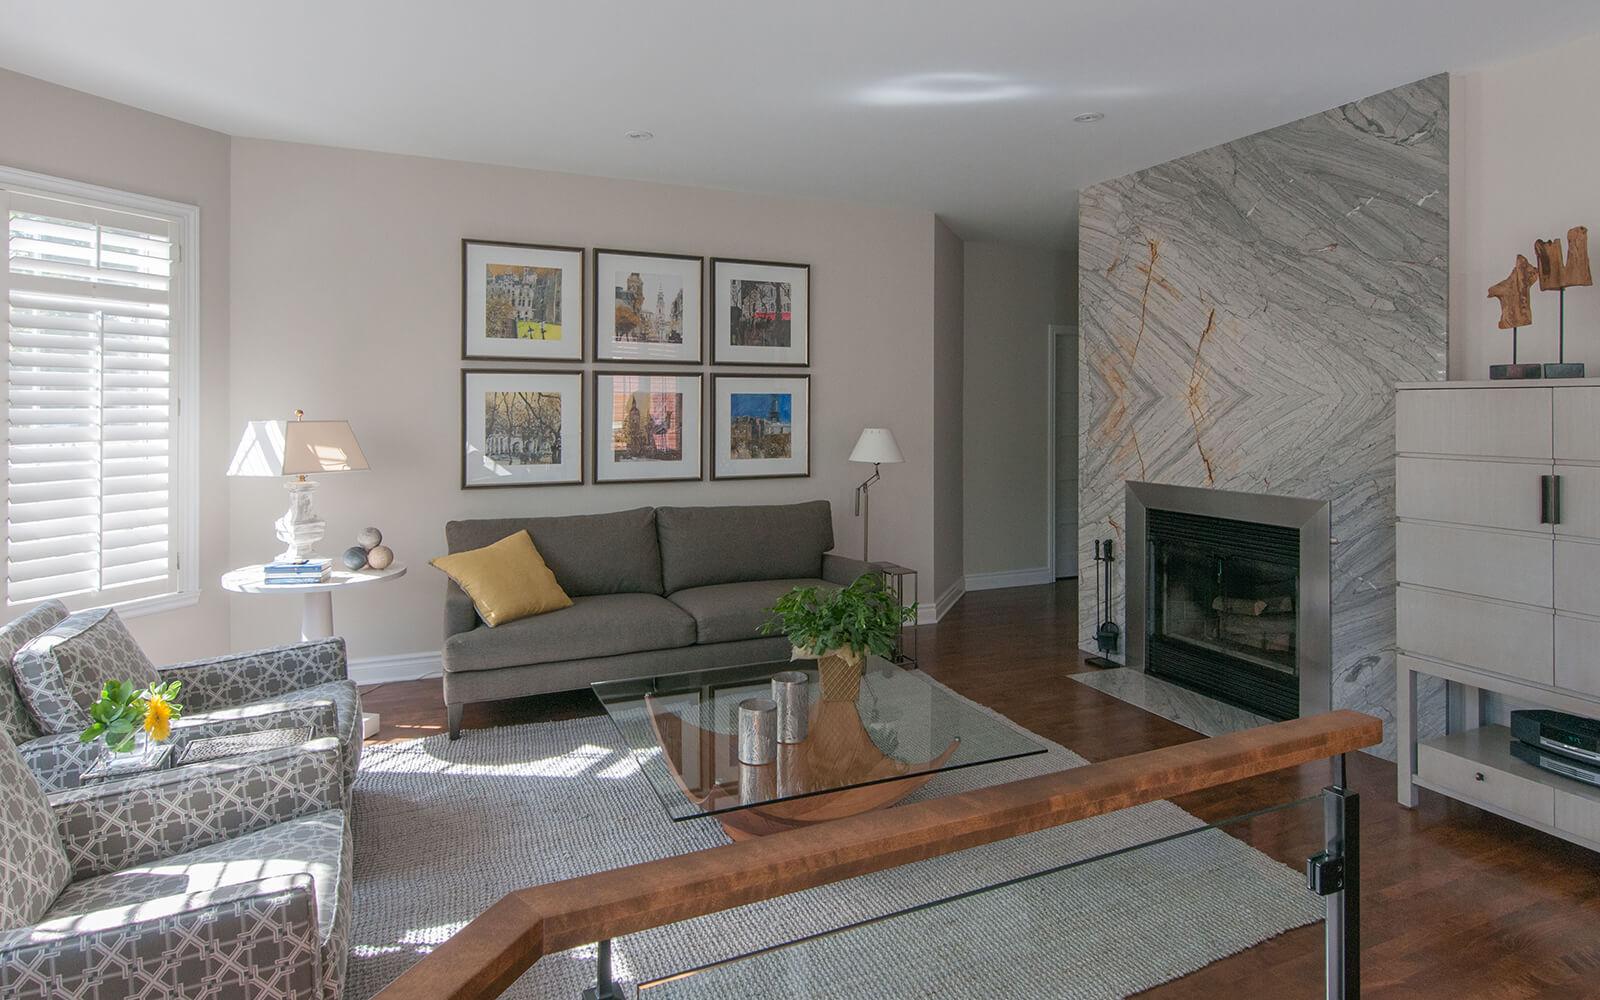 Projet de rénovation de séjour réalisée par la designer d'intérieur Lyne Côté